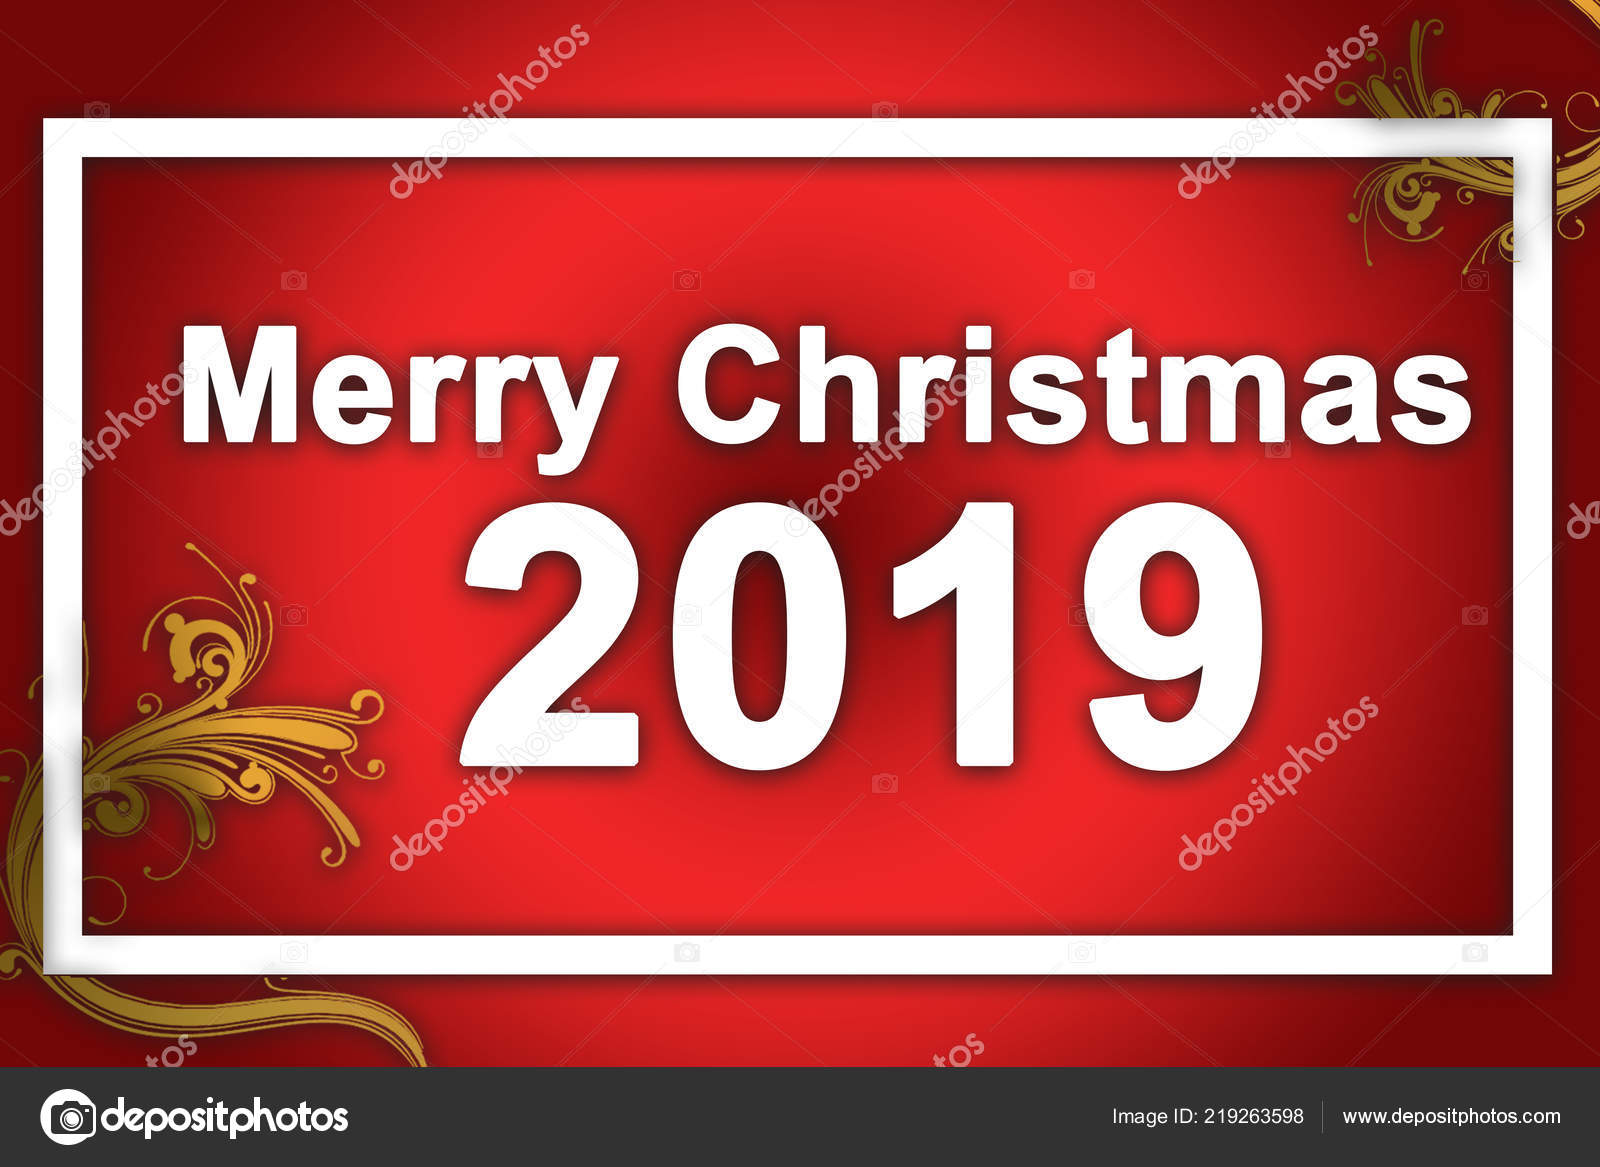 Buchstaben Frohe Weihnachten.Roter Hintergrund Mit Mit Buchstaben Frohe Weihnachten 2019